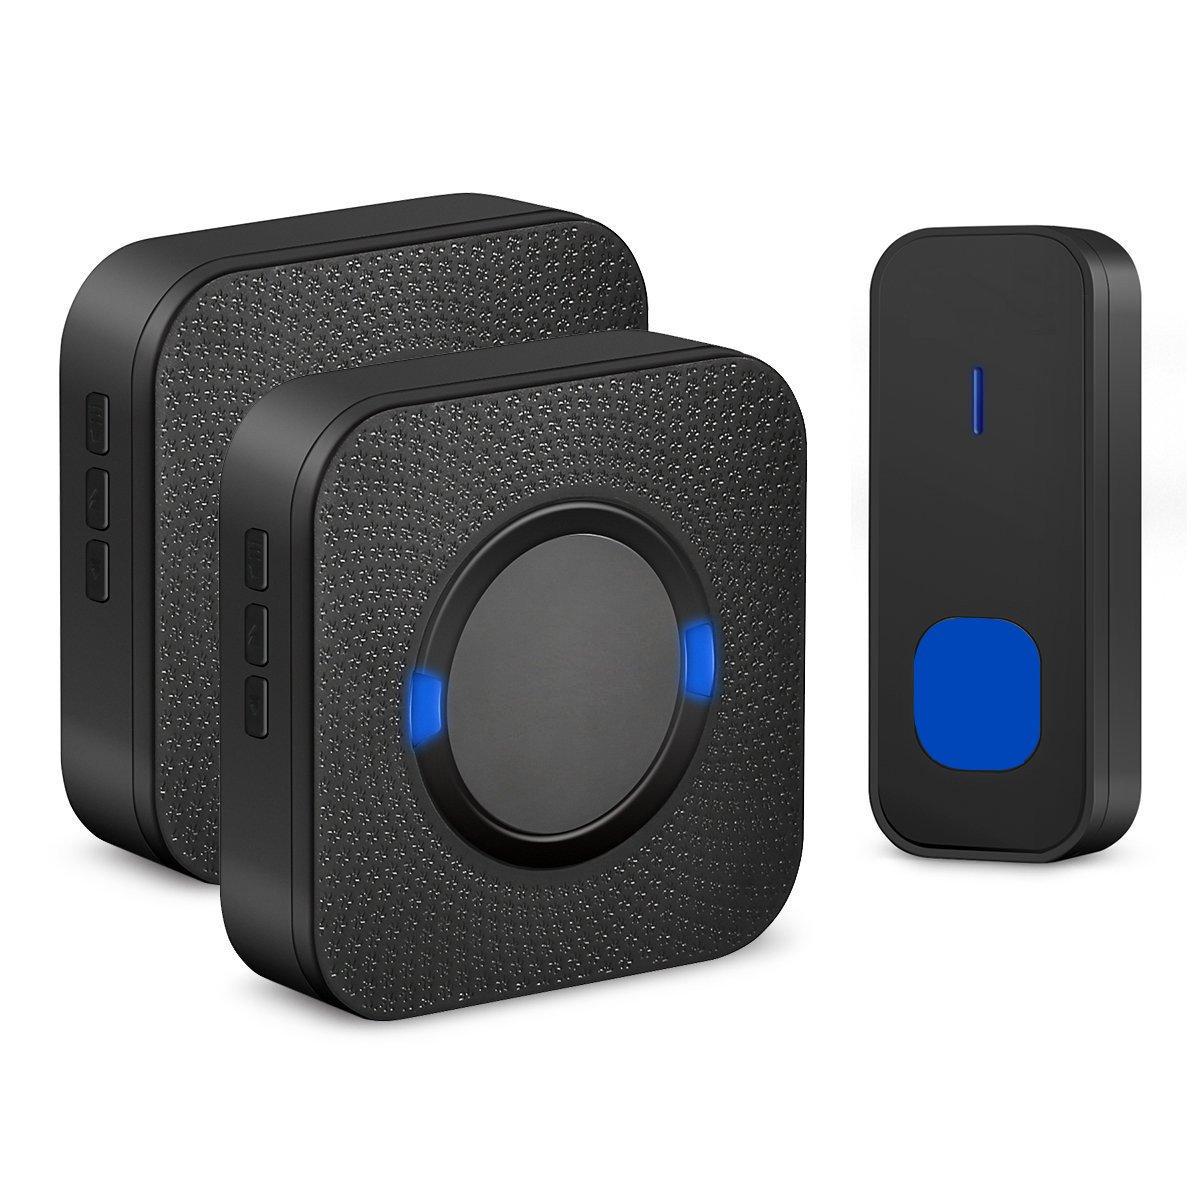 Door Sensors Wireless Doorbell Door Ring Bell Adjustable Volume Waterproof Door Chime Kit With 2 Receivers Sounds Like Speakers Door Open Chime For Home-Black-Ms Kelly